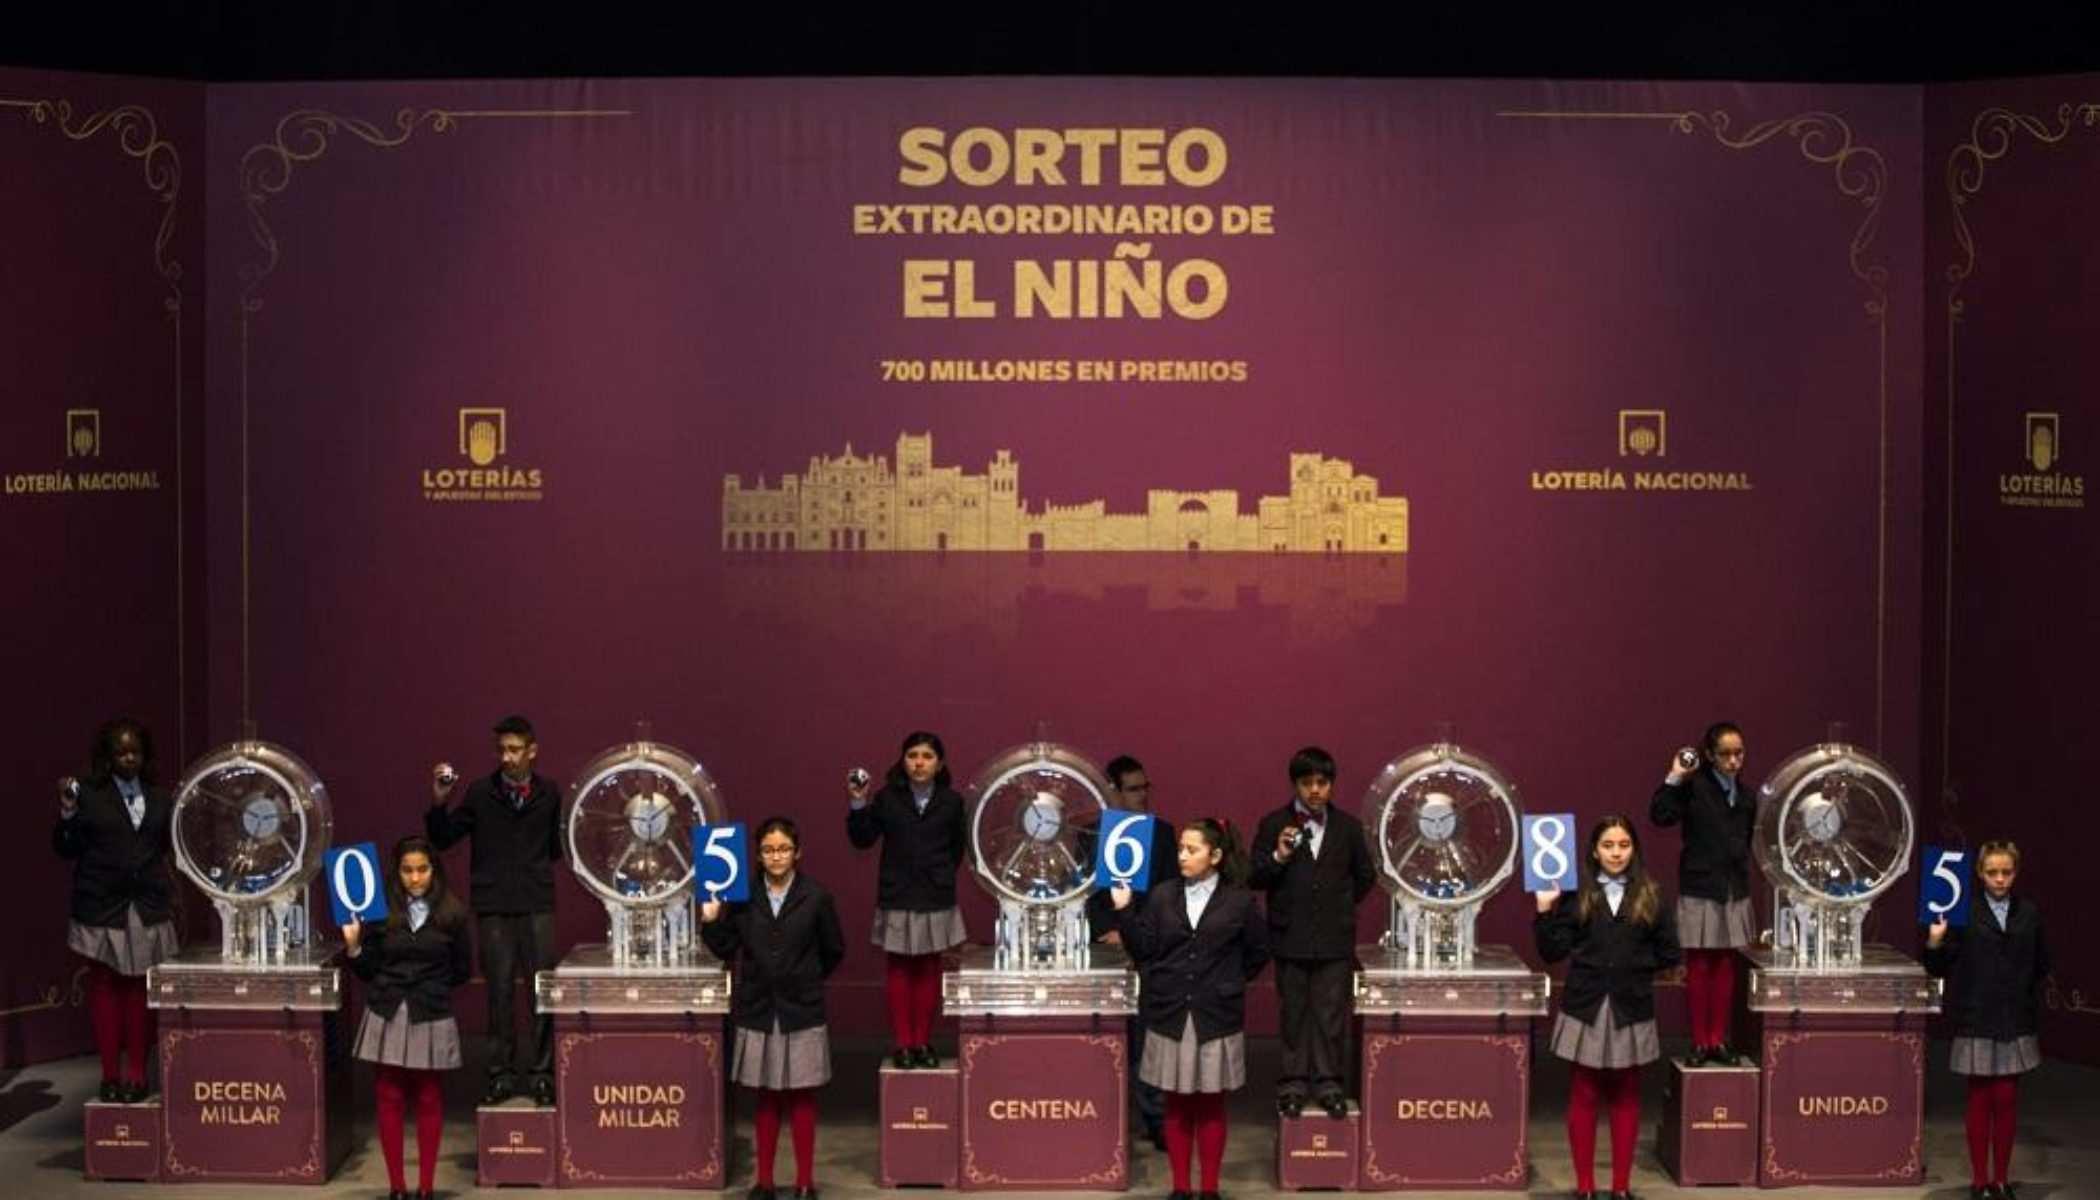 Лучшие лотереи испании - играй и выигрывай из россии